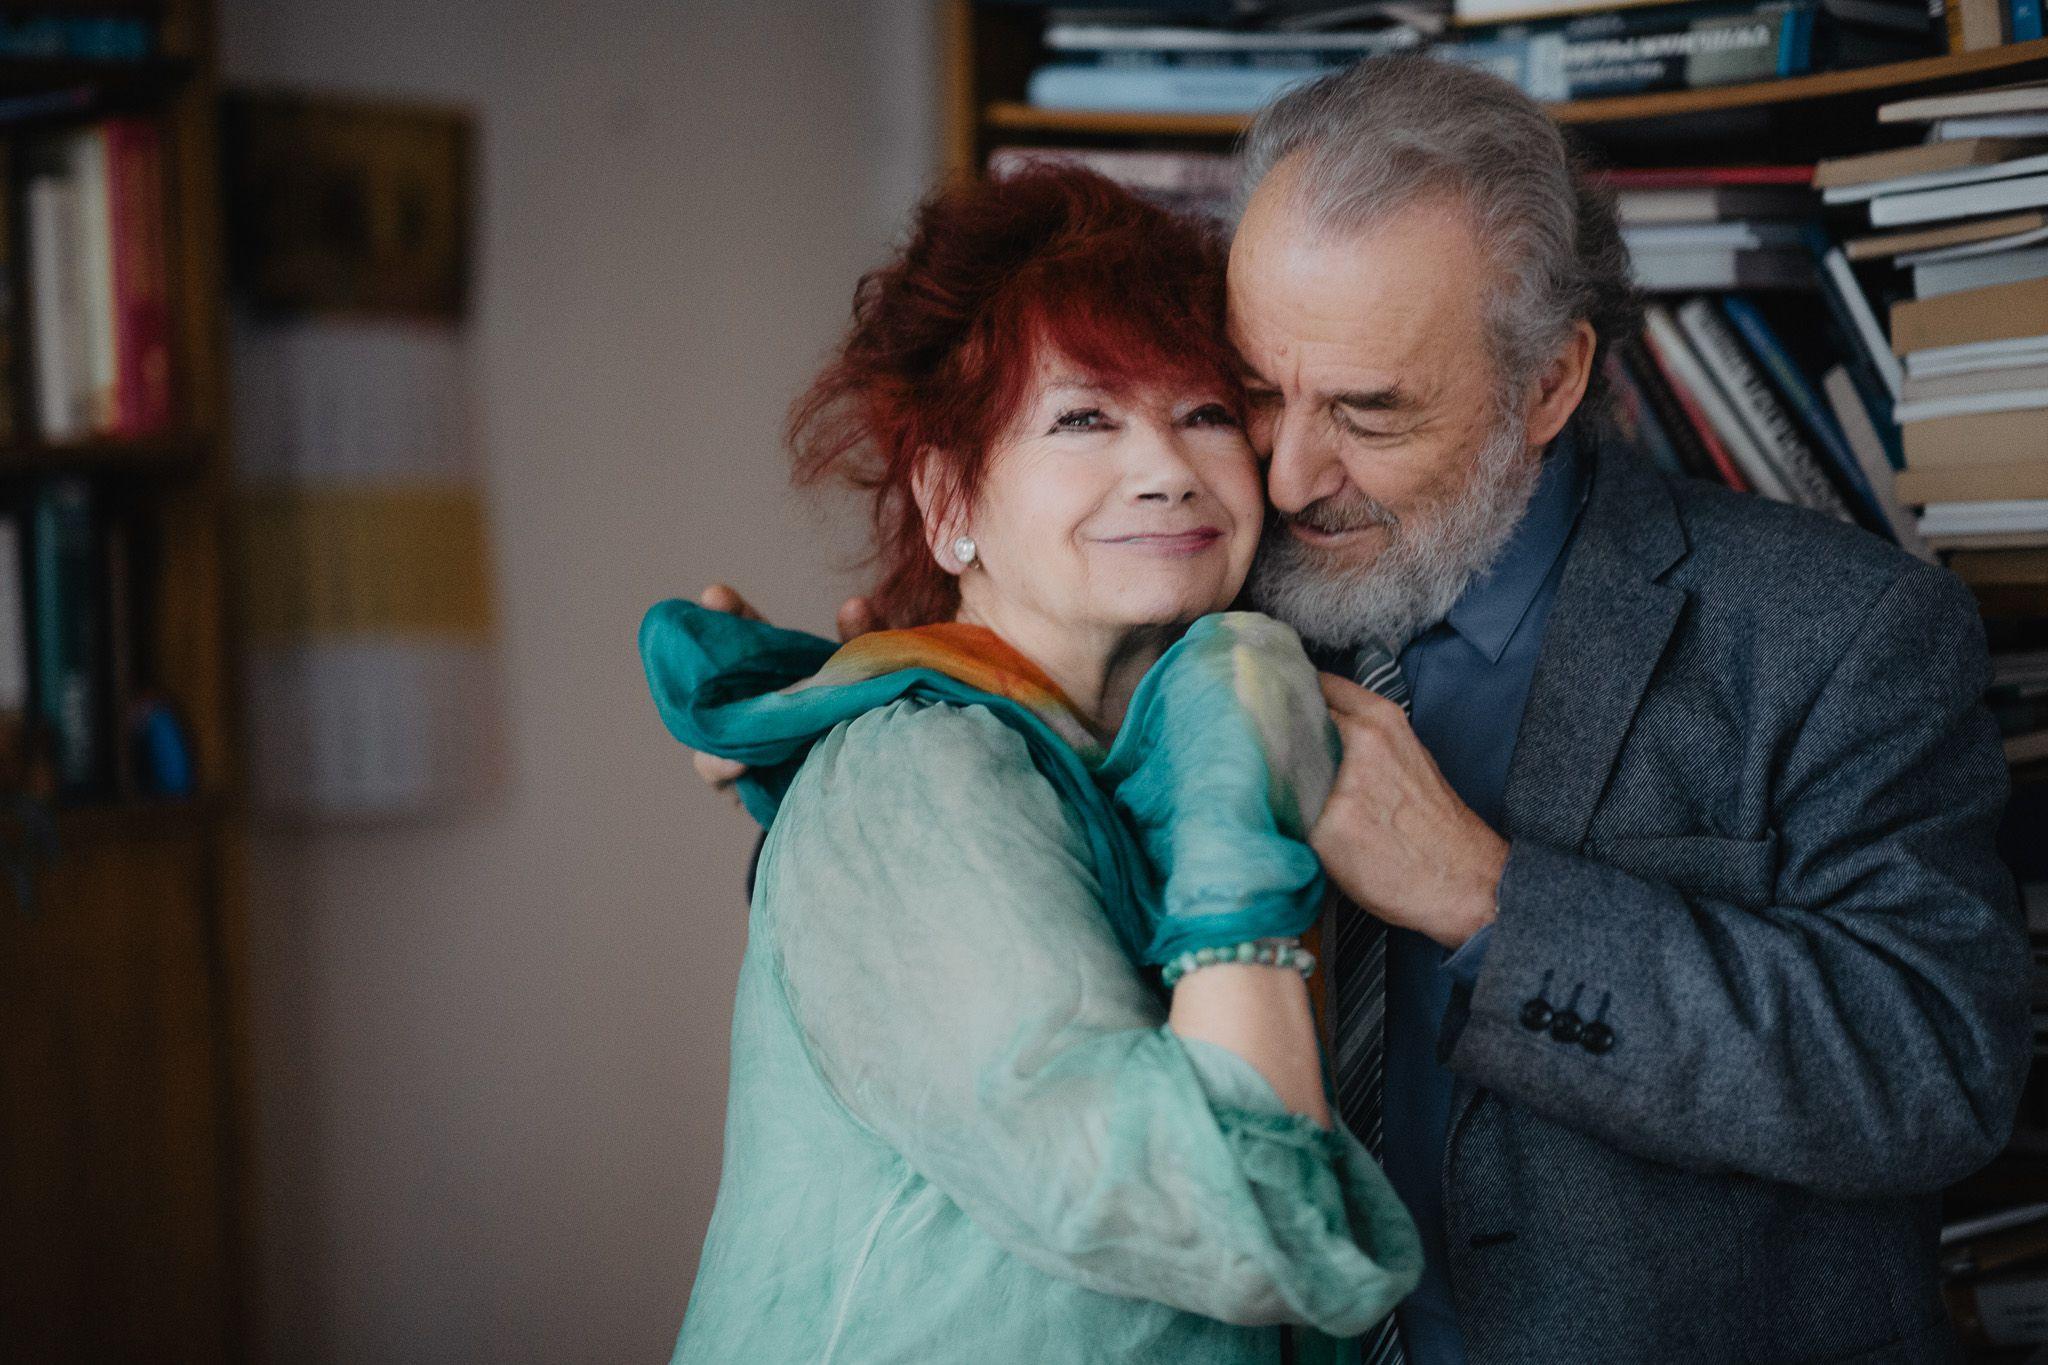 Szkoła uczuć - Alicja i Krzysztof